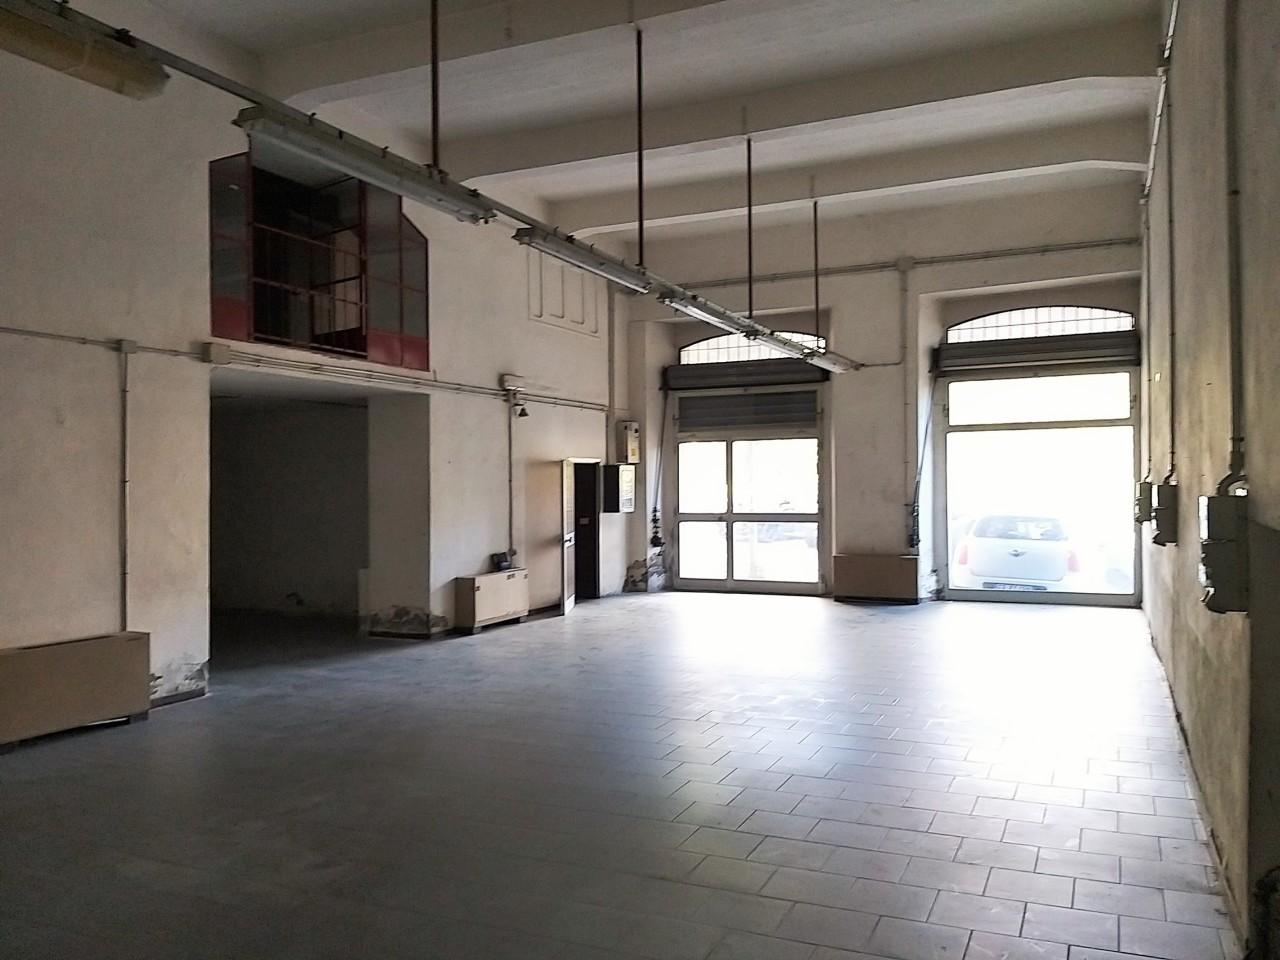 Laboratorio artigianale a Semicentrale, Perugia Rif. 10387680